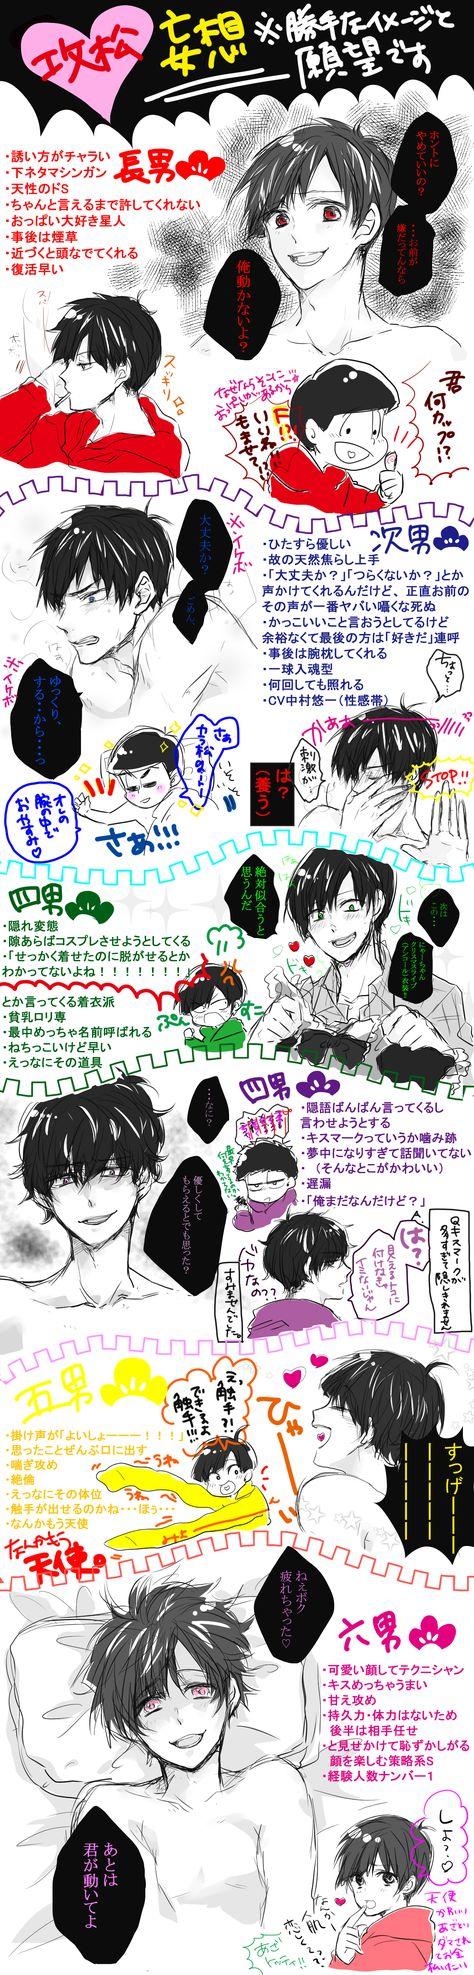 おそ松 さん 漫画 pixiv 十 四 松